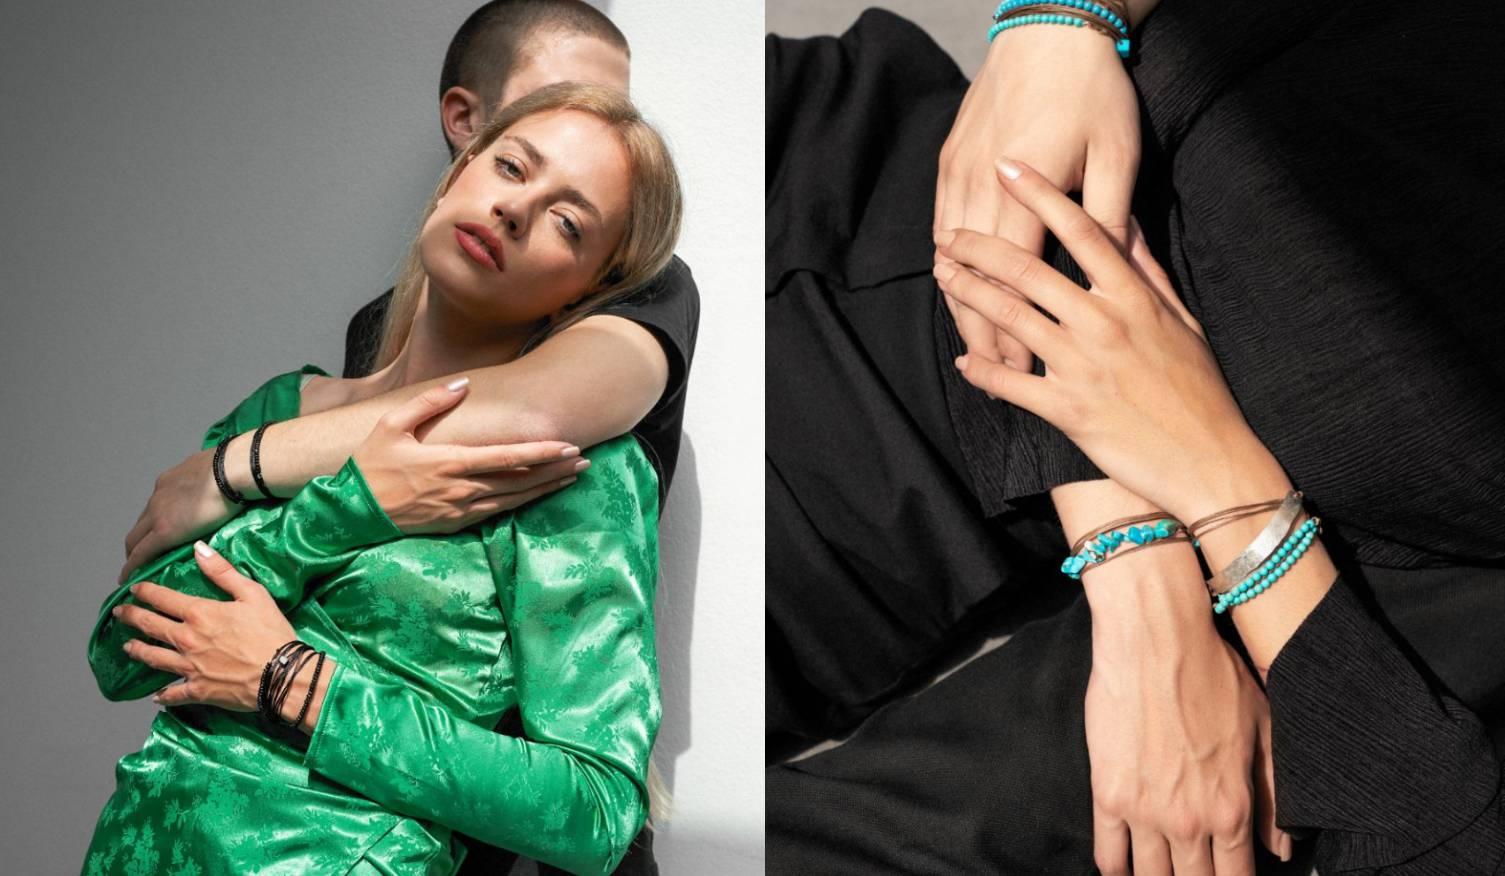 Hrvatski modni dizajner sada ima i vlastitu kolekciju nakita za dvoje, a inspiriran je dodirom